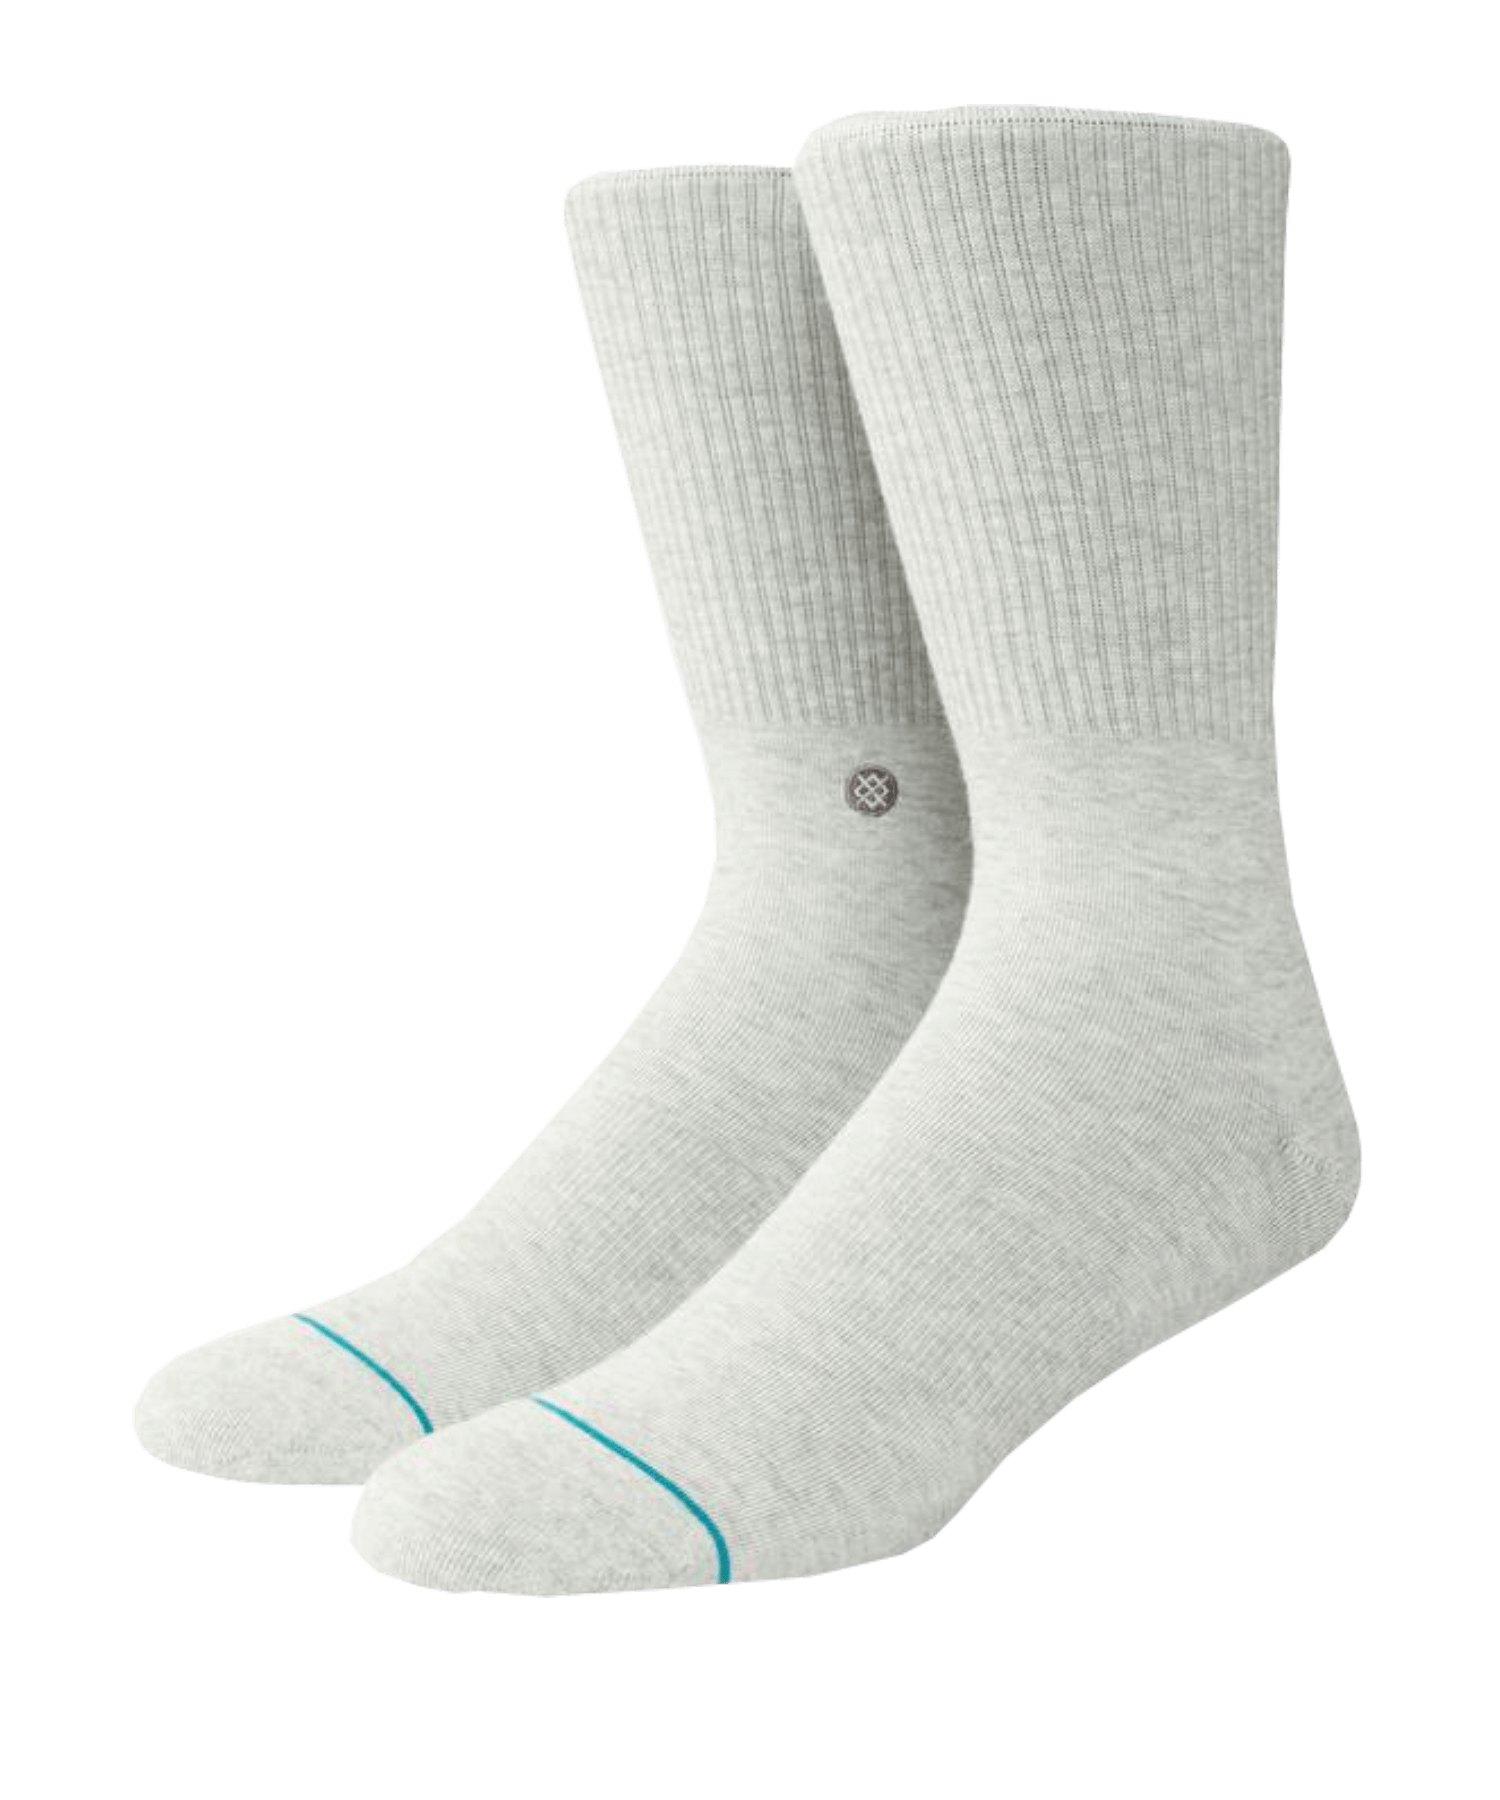 Stance Uncommon Solids Fashion Icon Socken Grau - grau